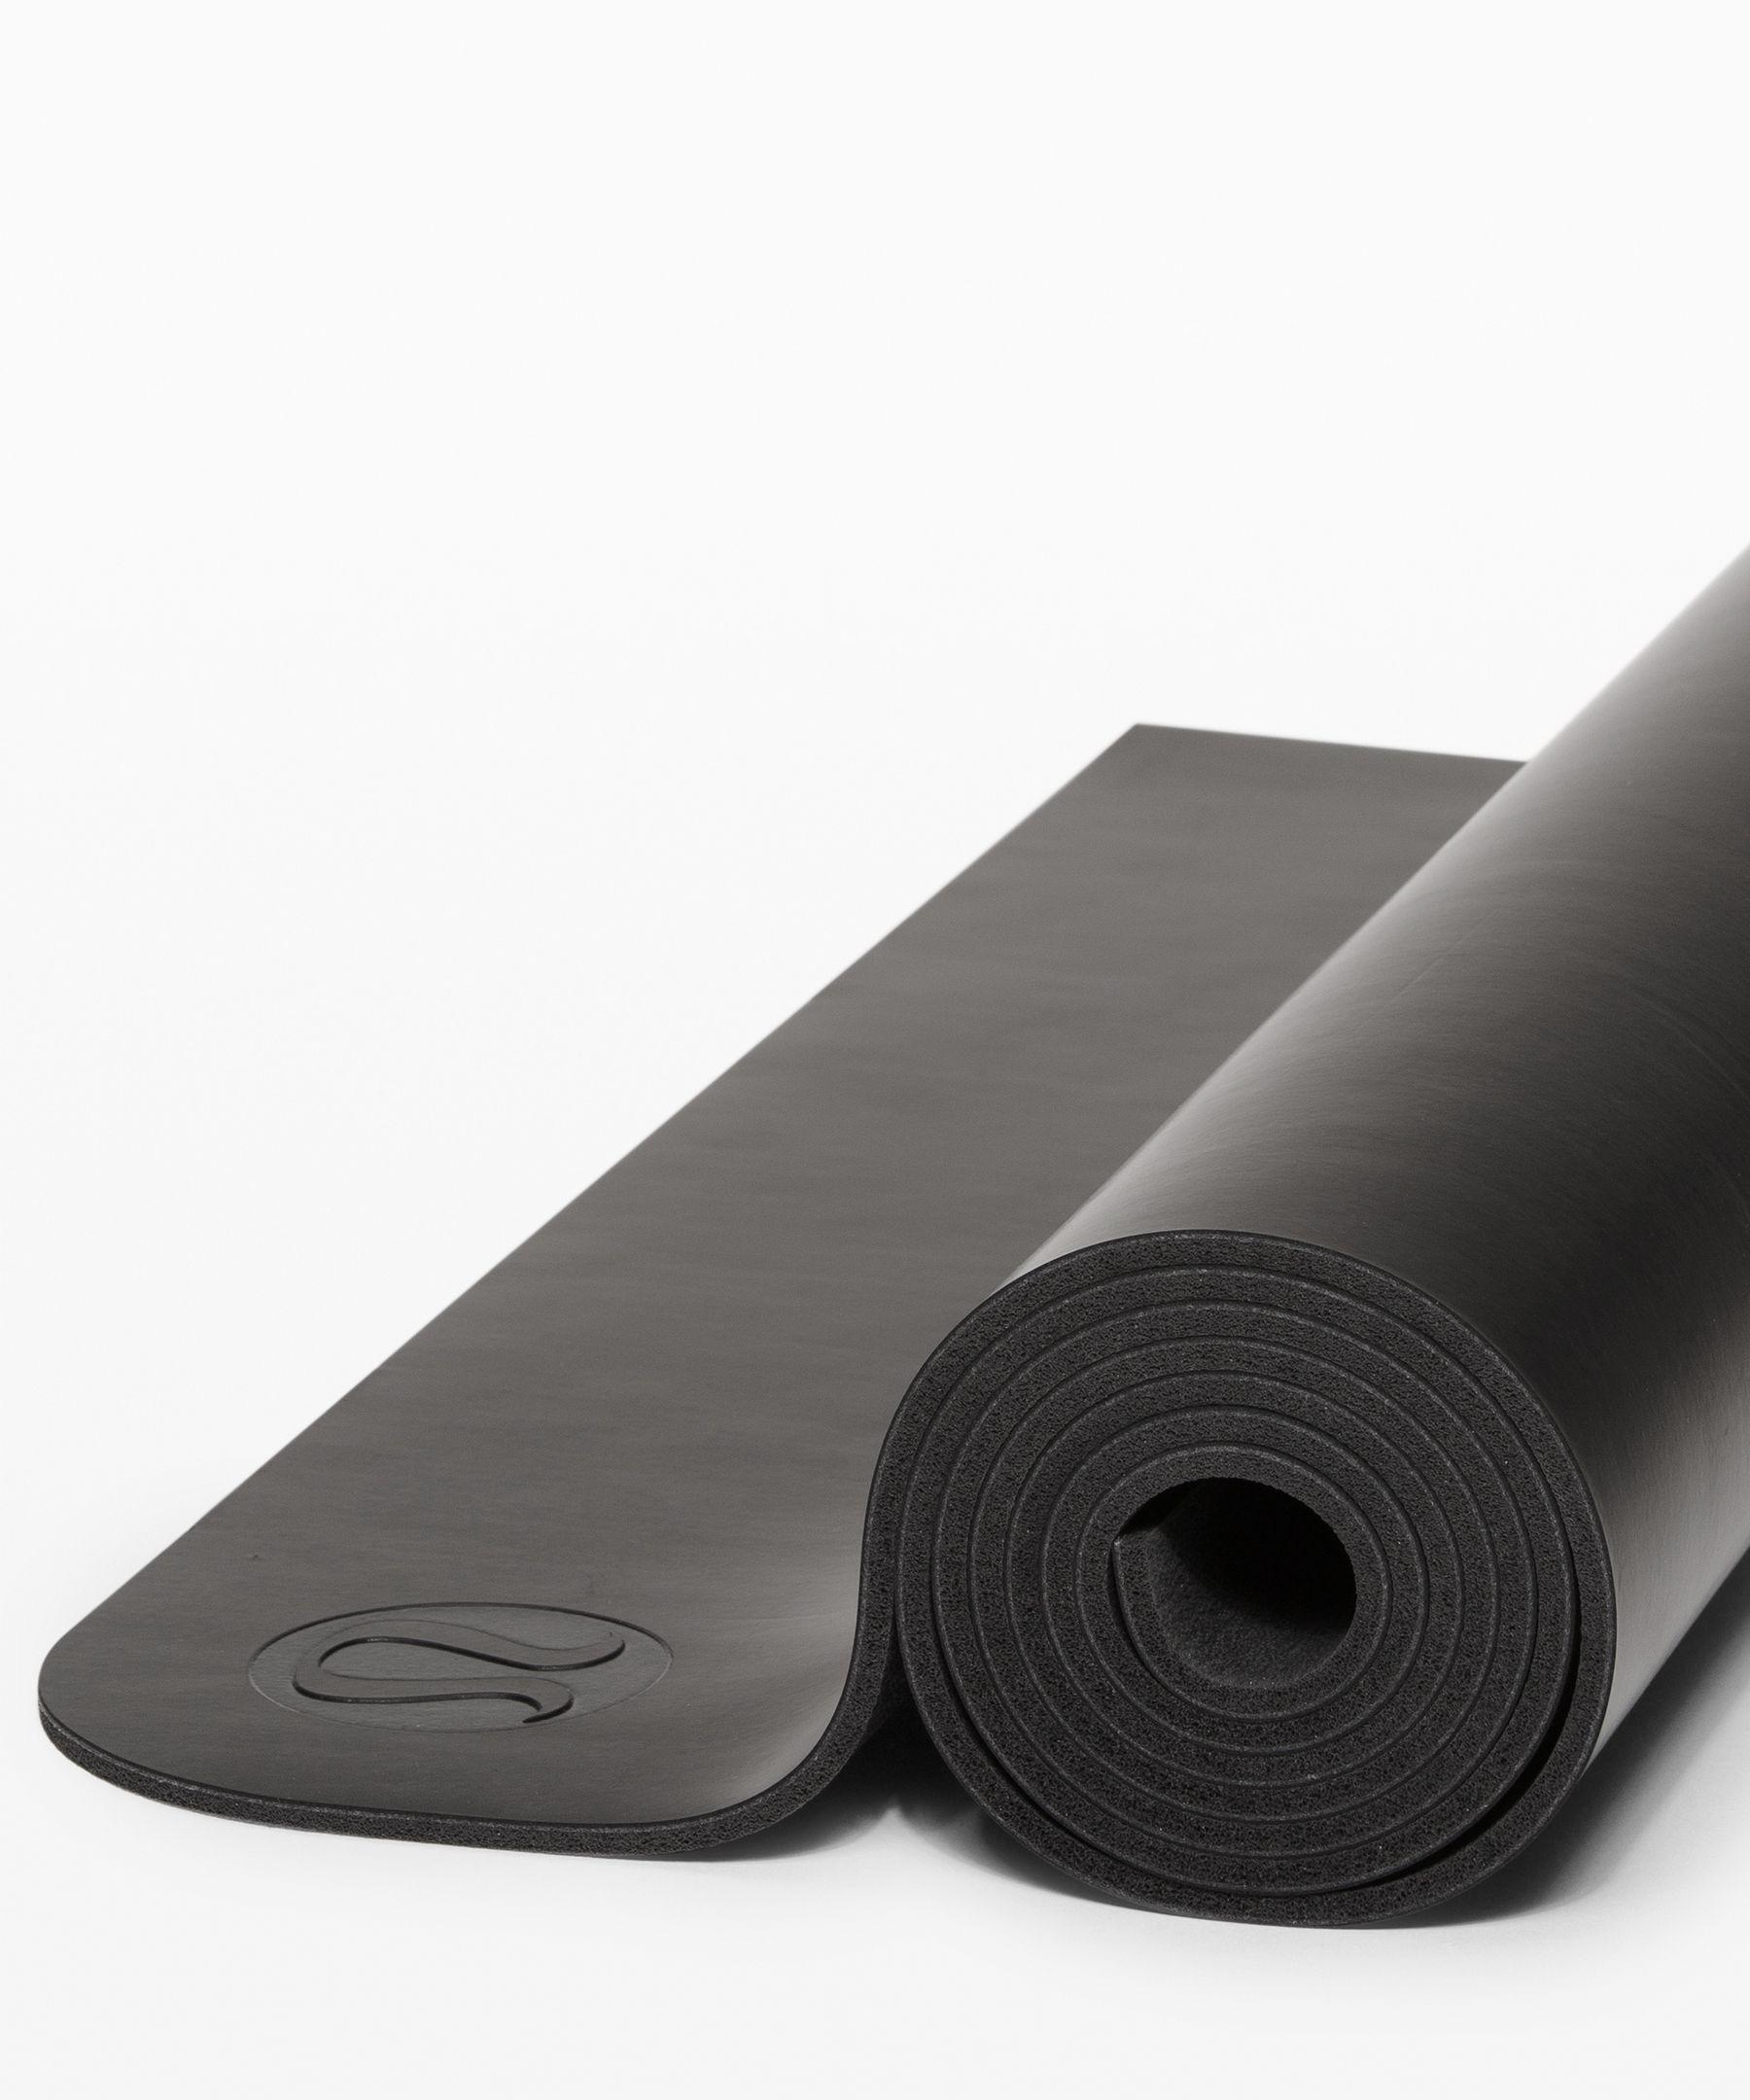 Arise Mat Made With Fsc Certified Rubber 5mm Yoga Mats Lululemon